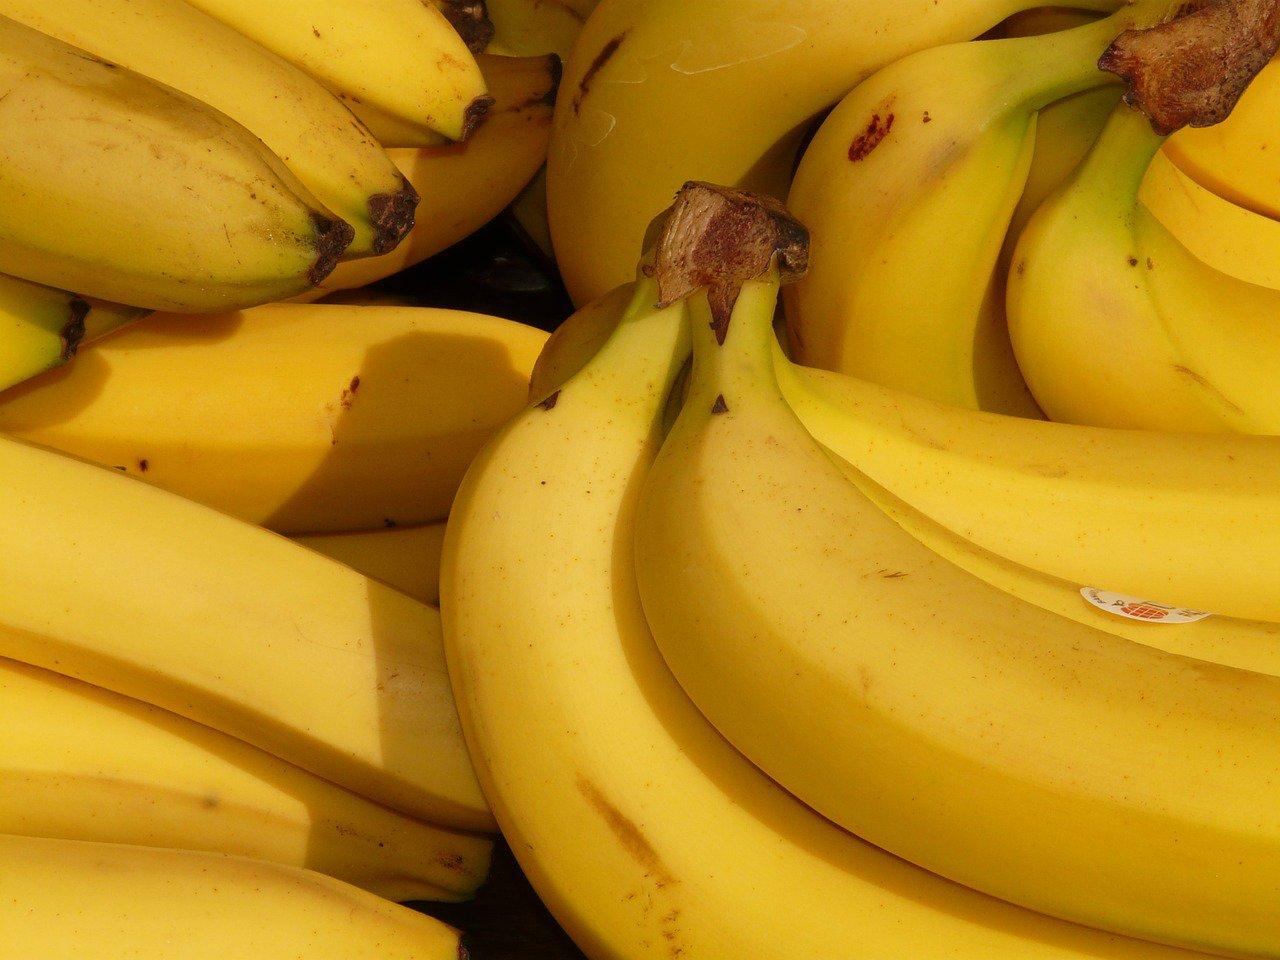 Tyhle potraviny kupujete i vy. Víte, jak je skladovat a jestli patří do lednice? - anotační obrázek